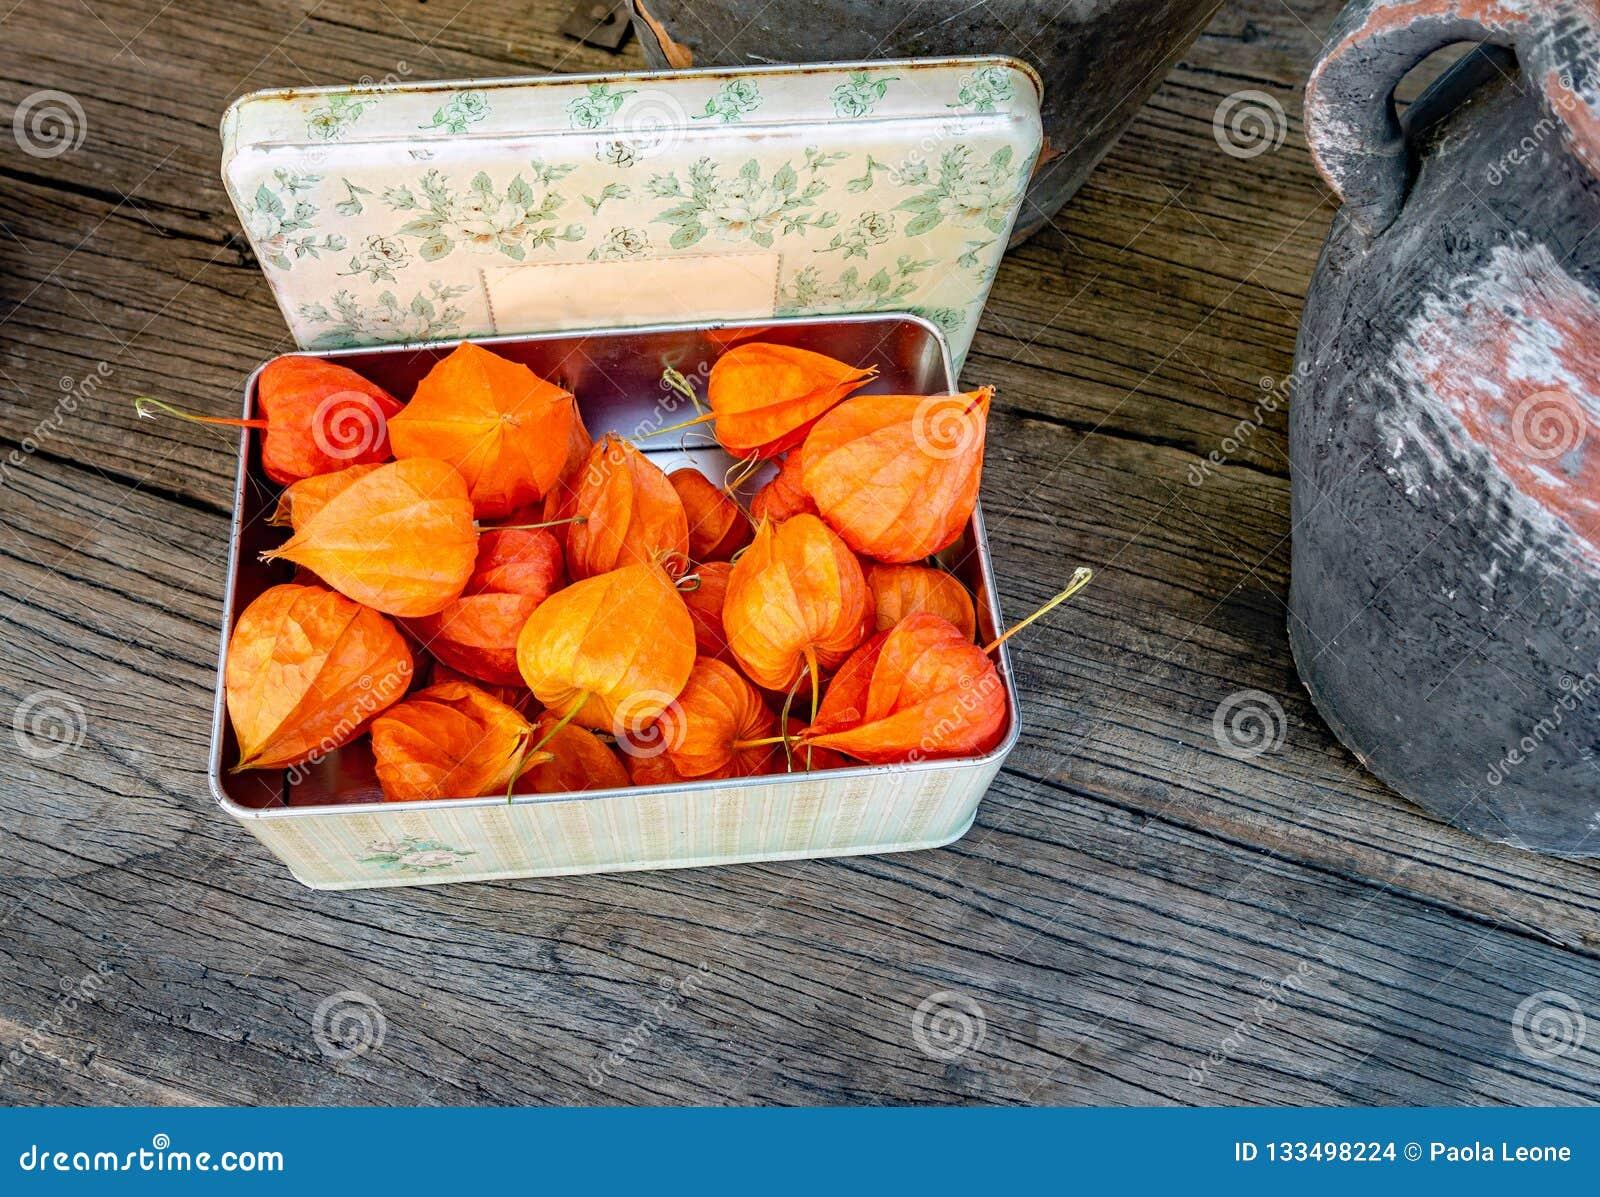 Pęcherzyca - Chiński lampion - w pudełku na Nieociosanym Drewnianym stole